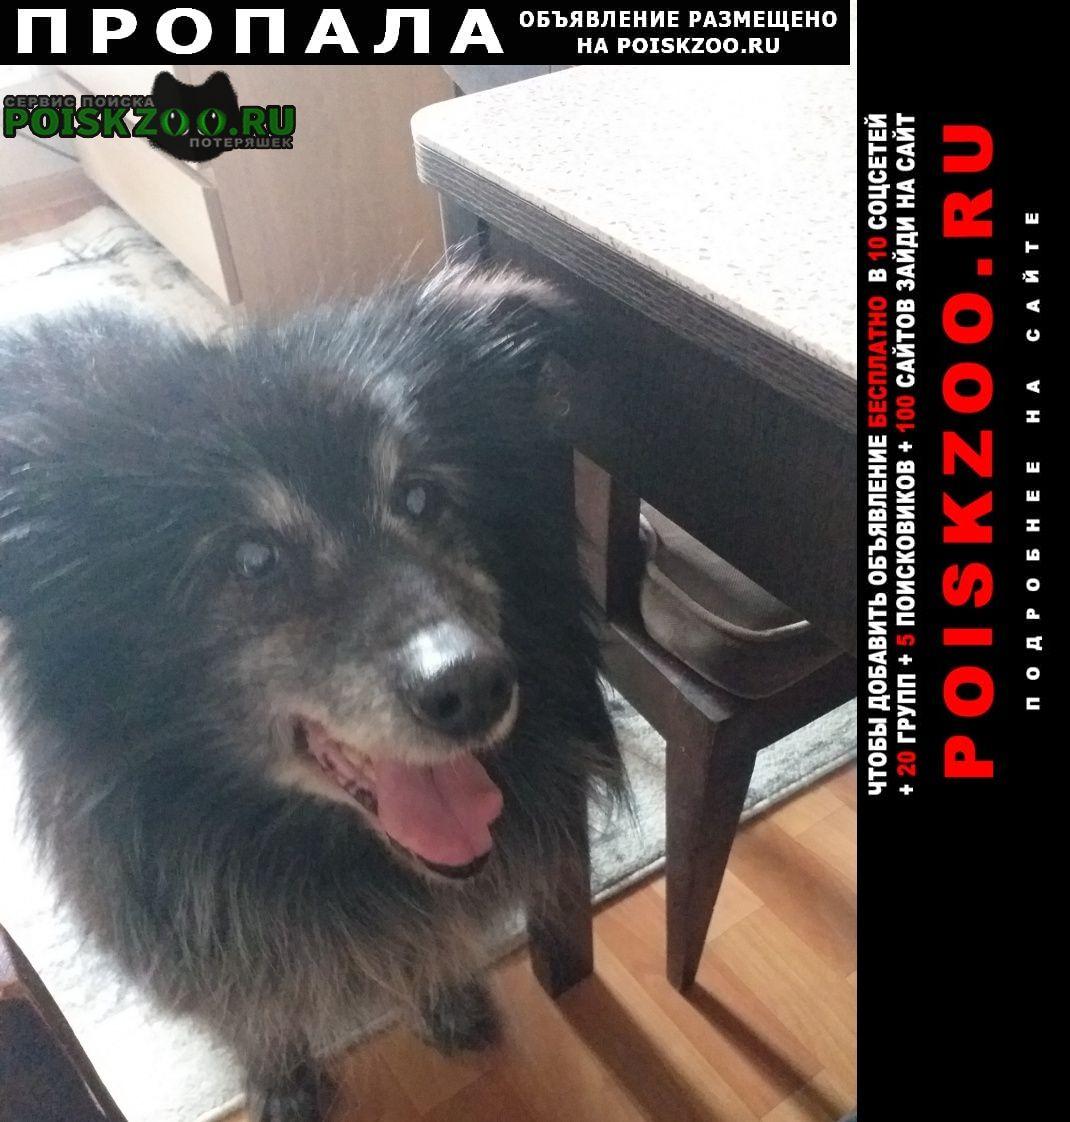 Иркутск Пропала собака кобель